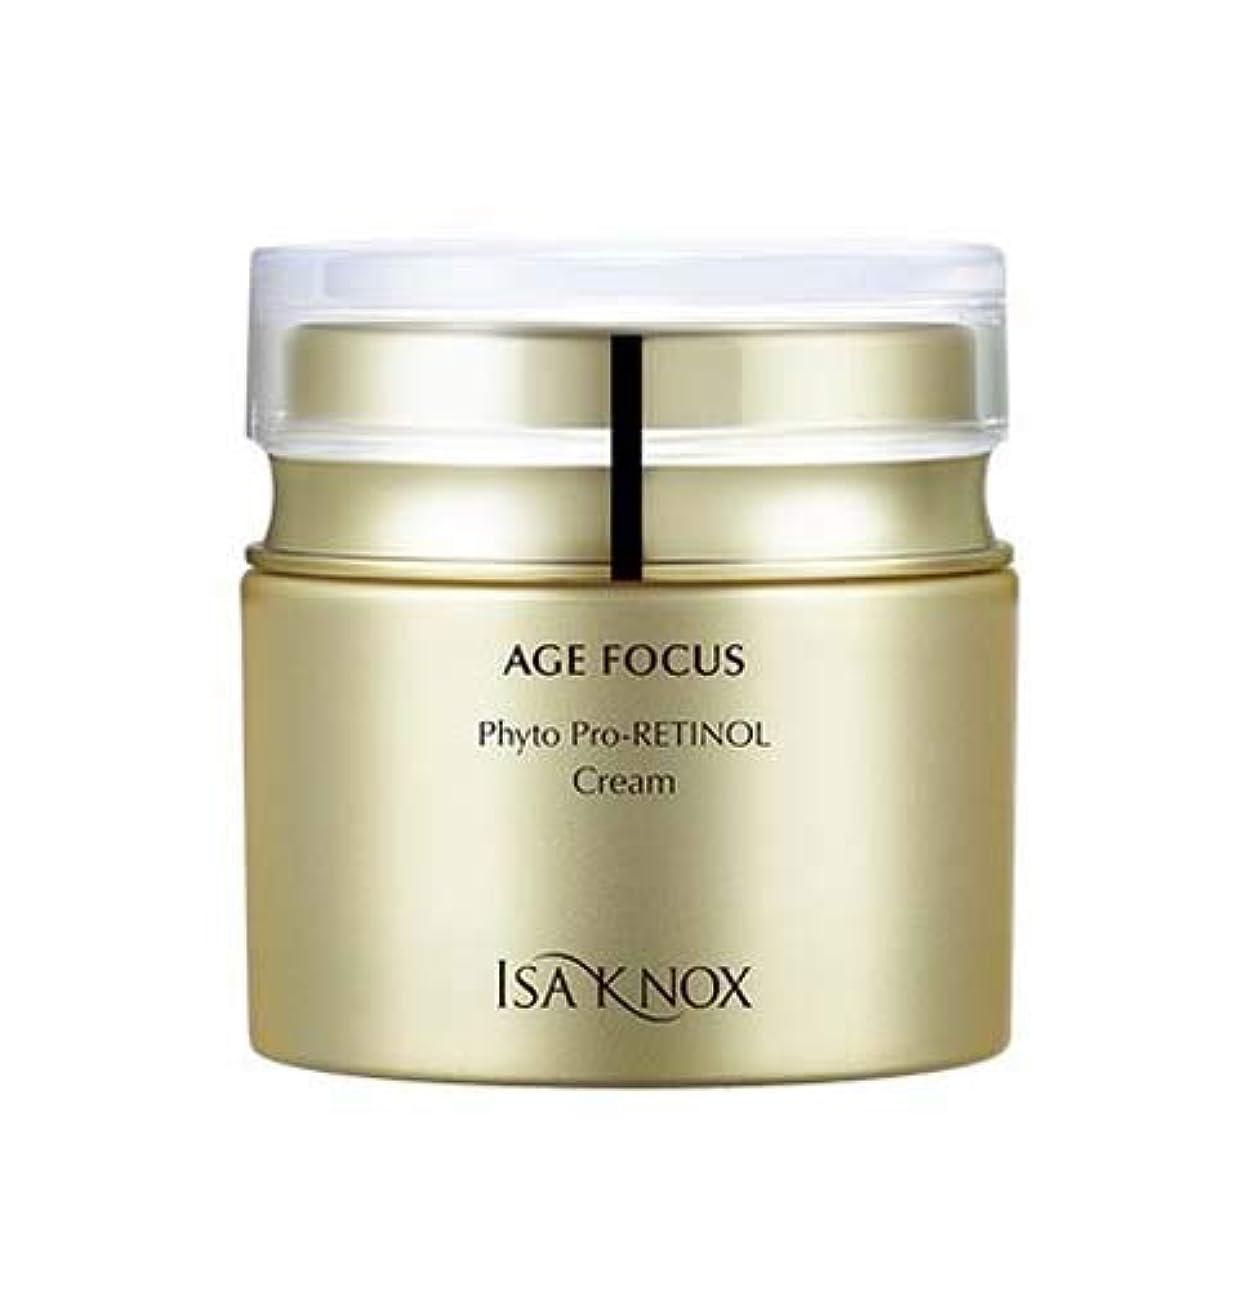 問題大西洋噴出する[イザノックス] ISA KNOX [エイジフォーカス フィト プロレチノール クリーム 50ml] AGE FOCUS Pro-Retinol Cream 50ml [海外直送品]